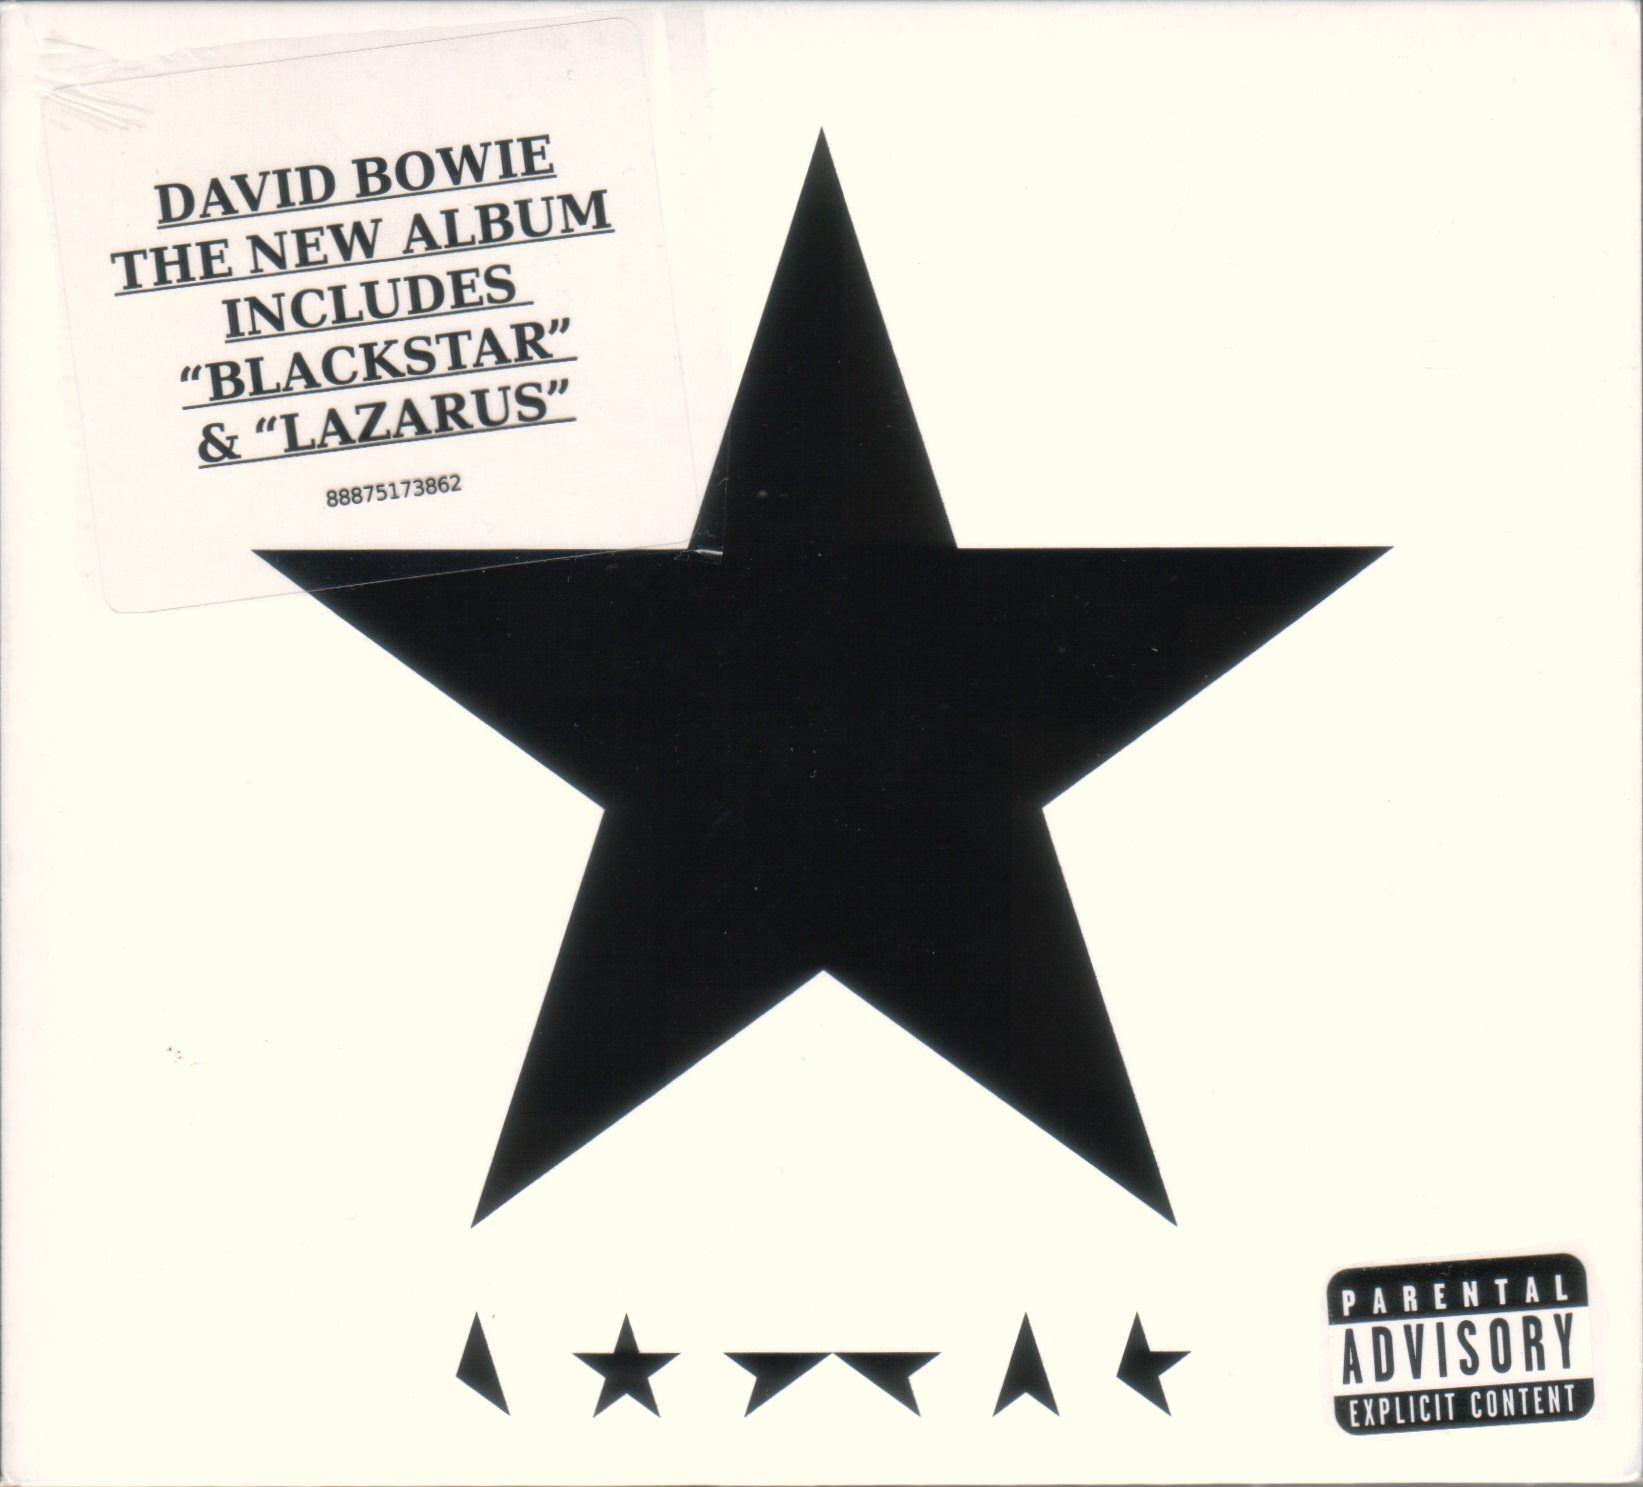 David Bowie - (blackstar) album cover